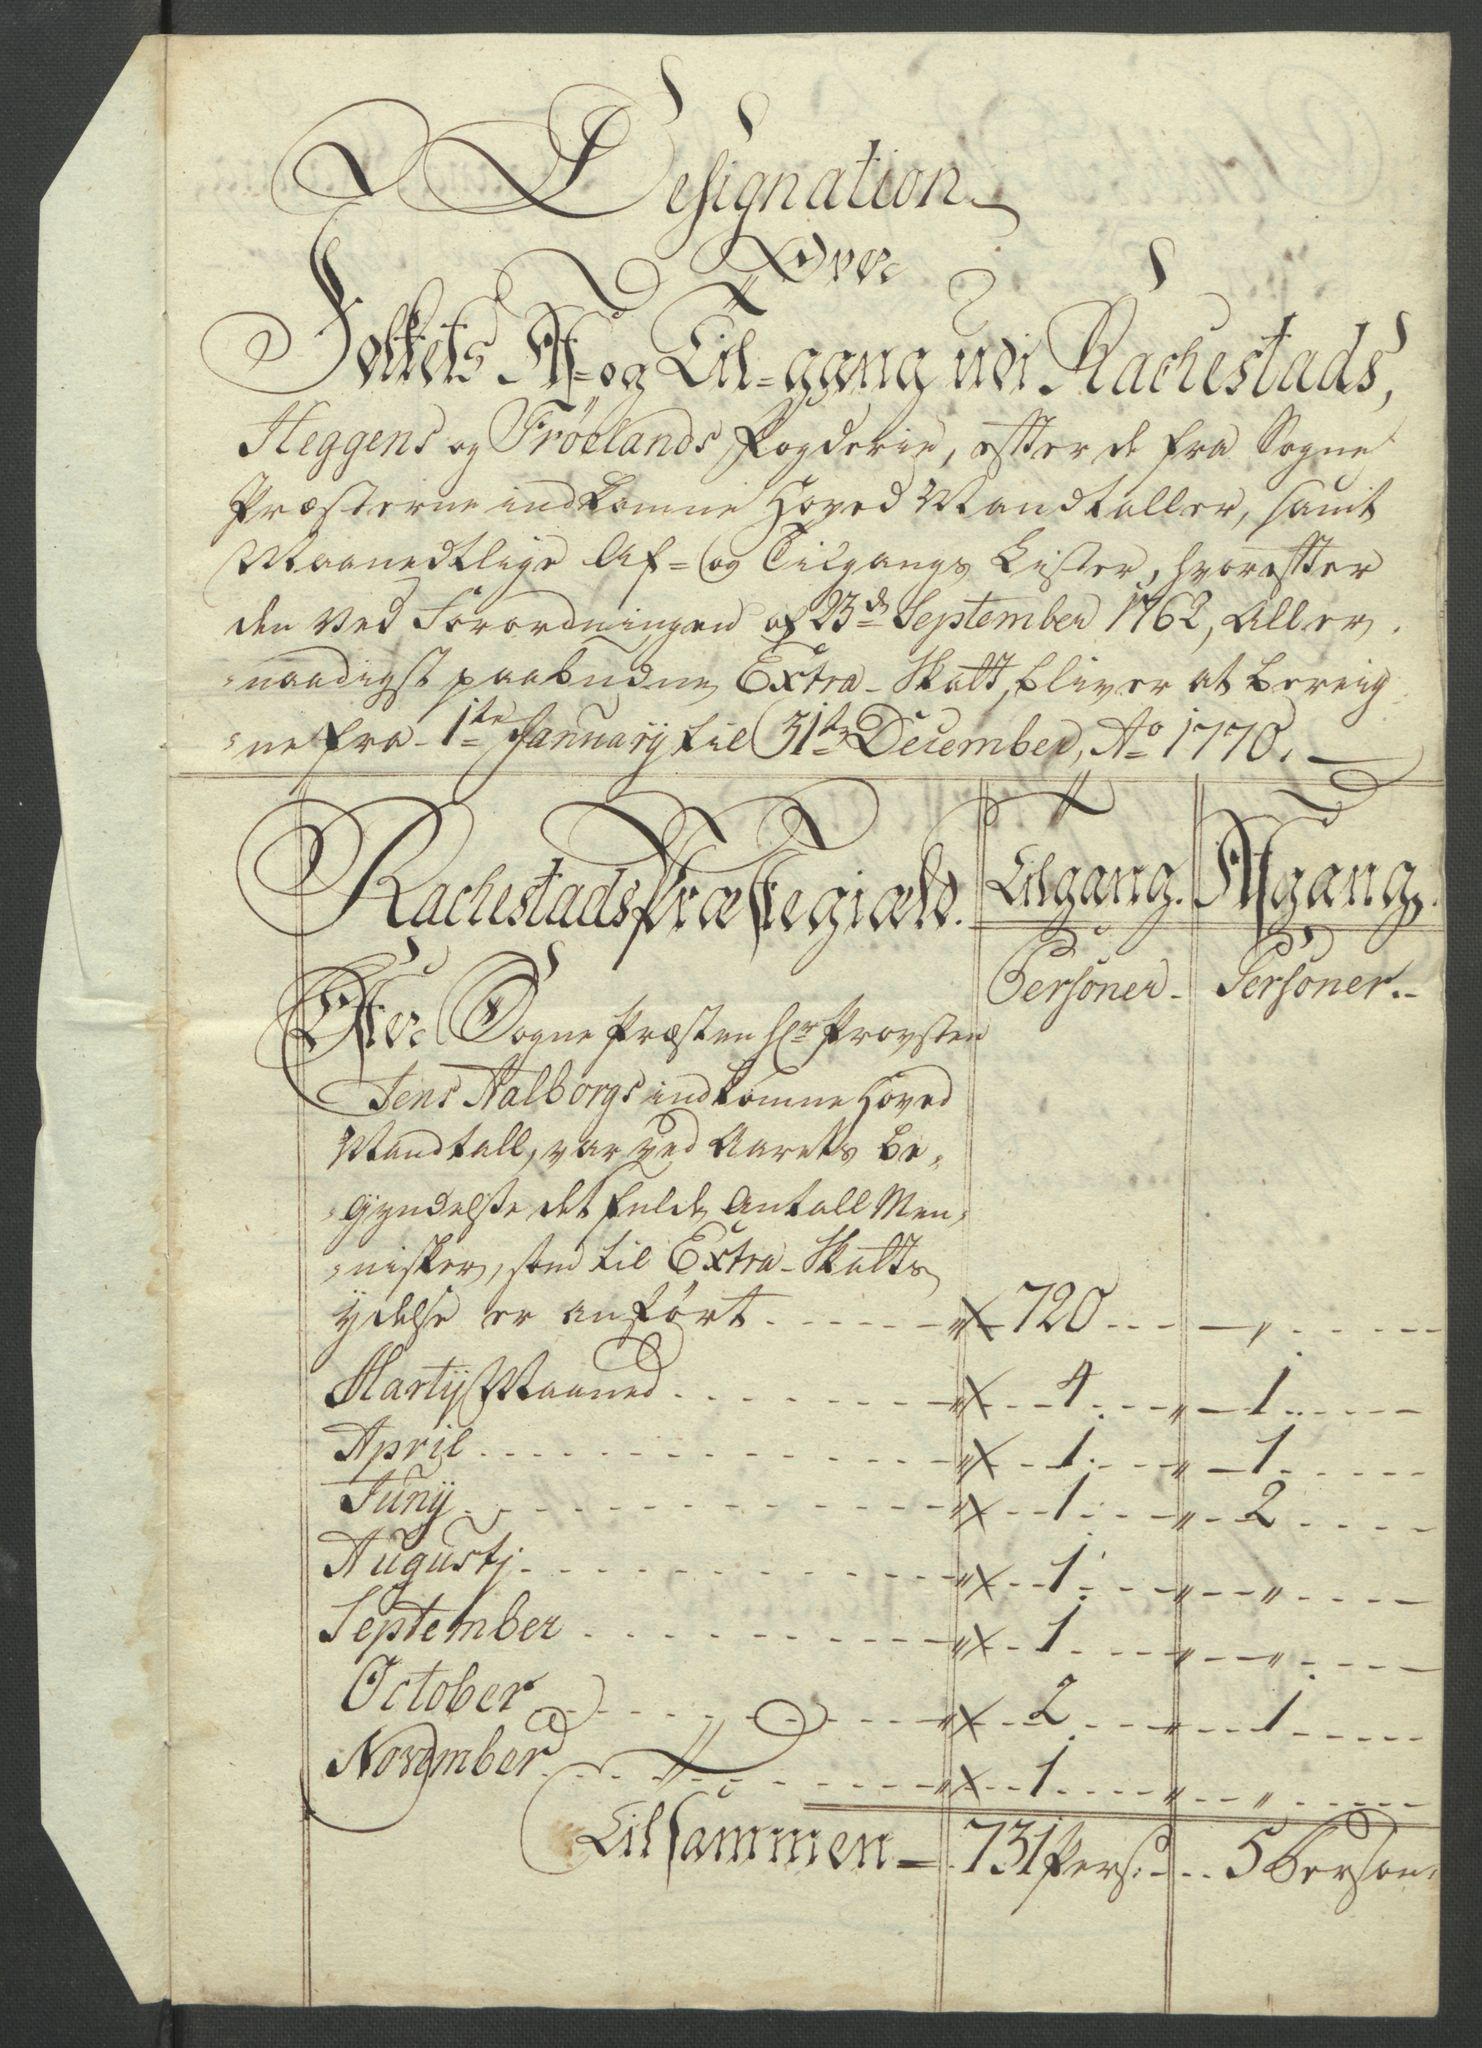 RA, Rentekammeret inntil 1814, Reviderte regnskaper, Fogderegnskap, R07/L0413: Ekstraskatten Rakkestad, Heggen og Frøland, 1762-1772, s. 447